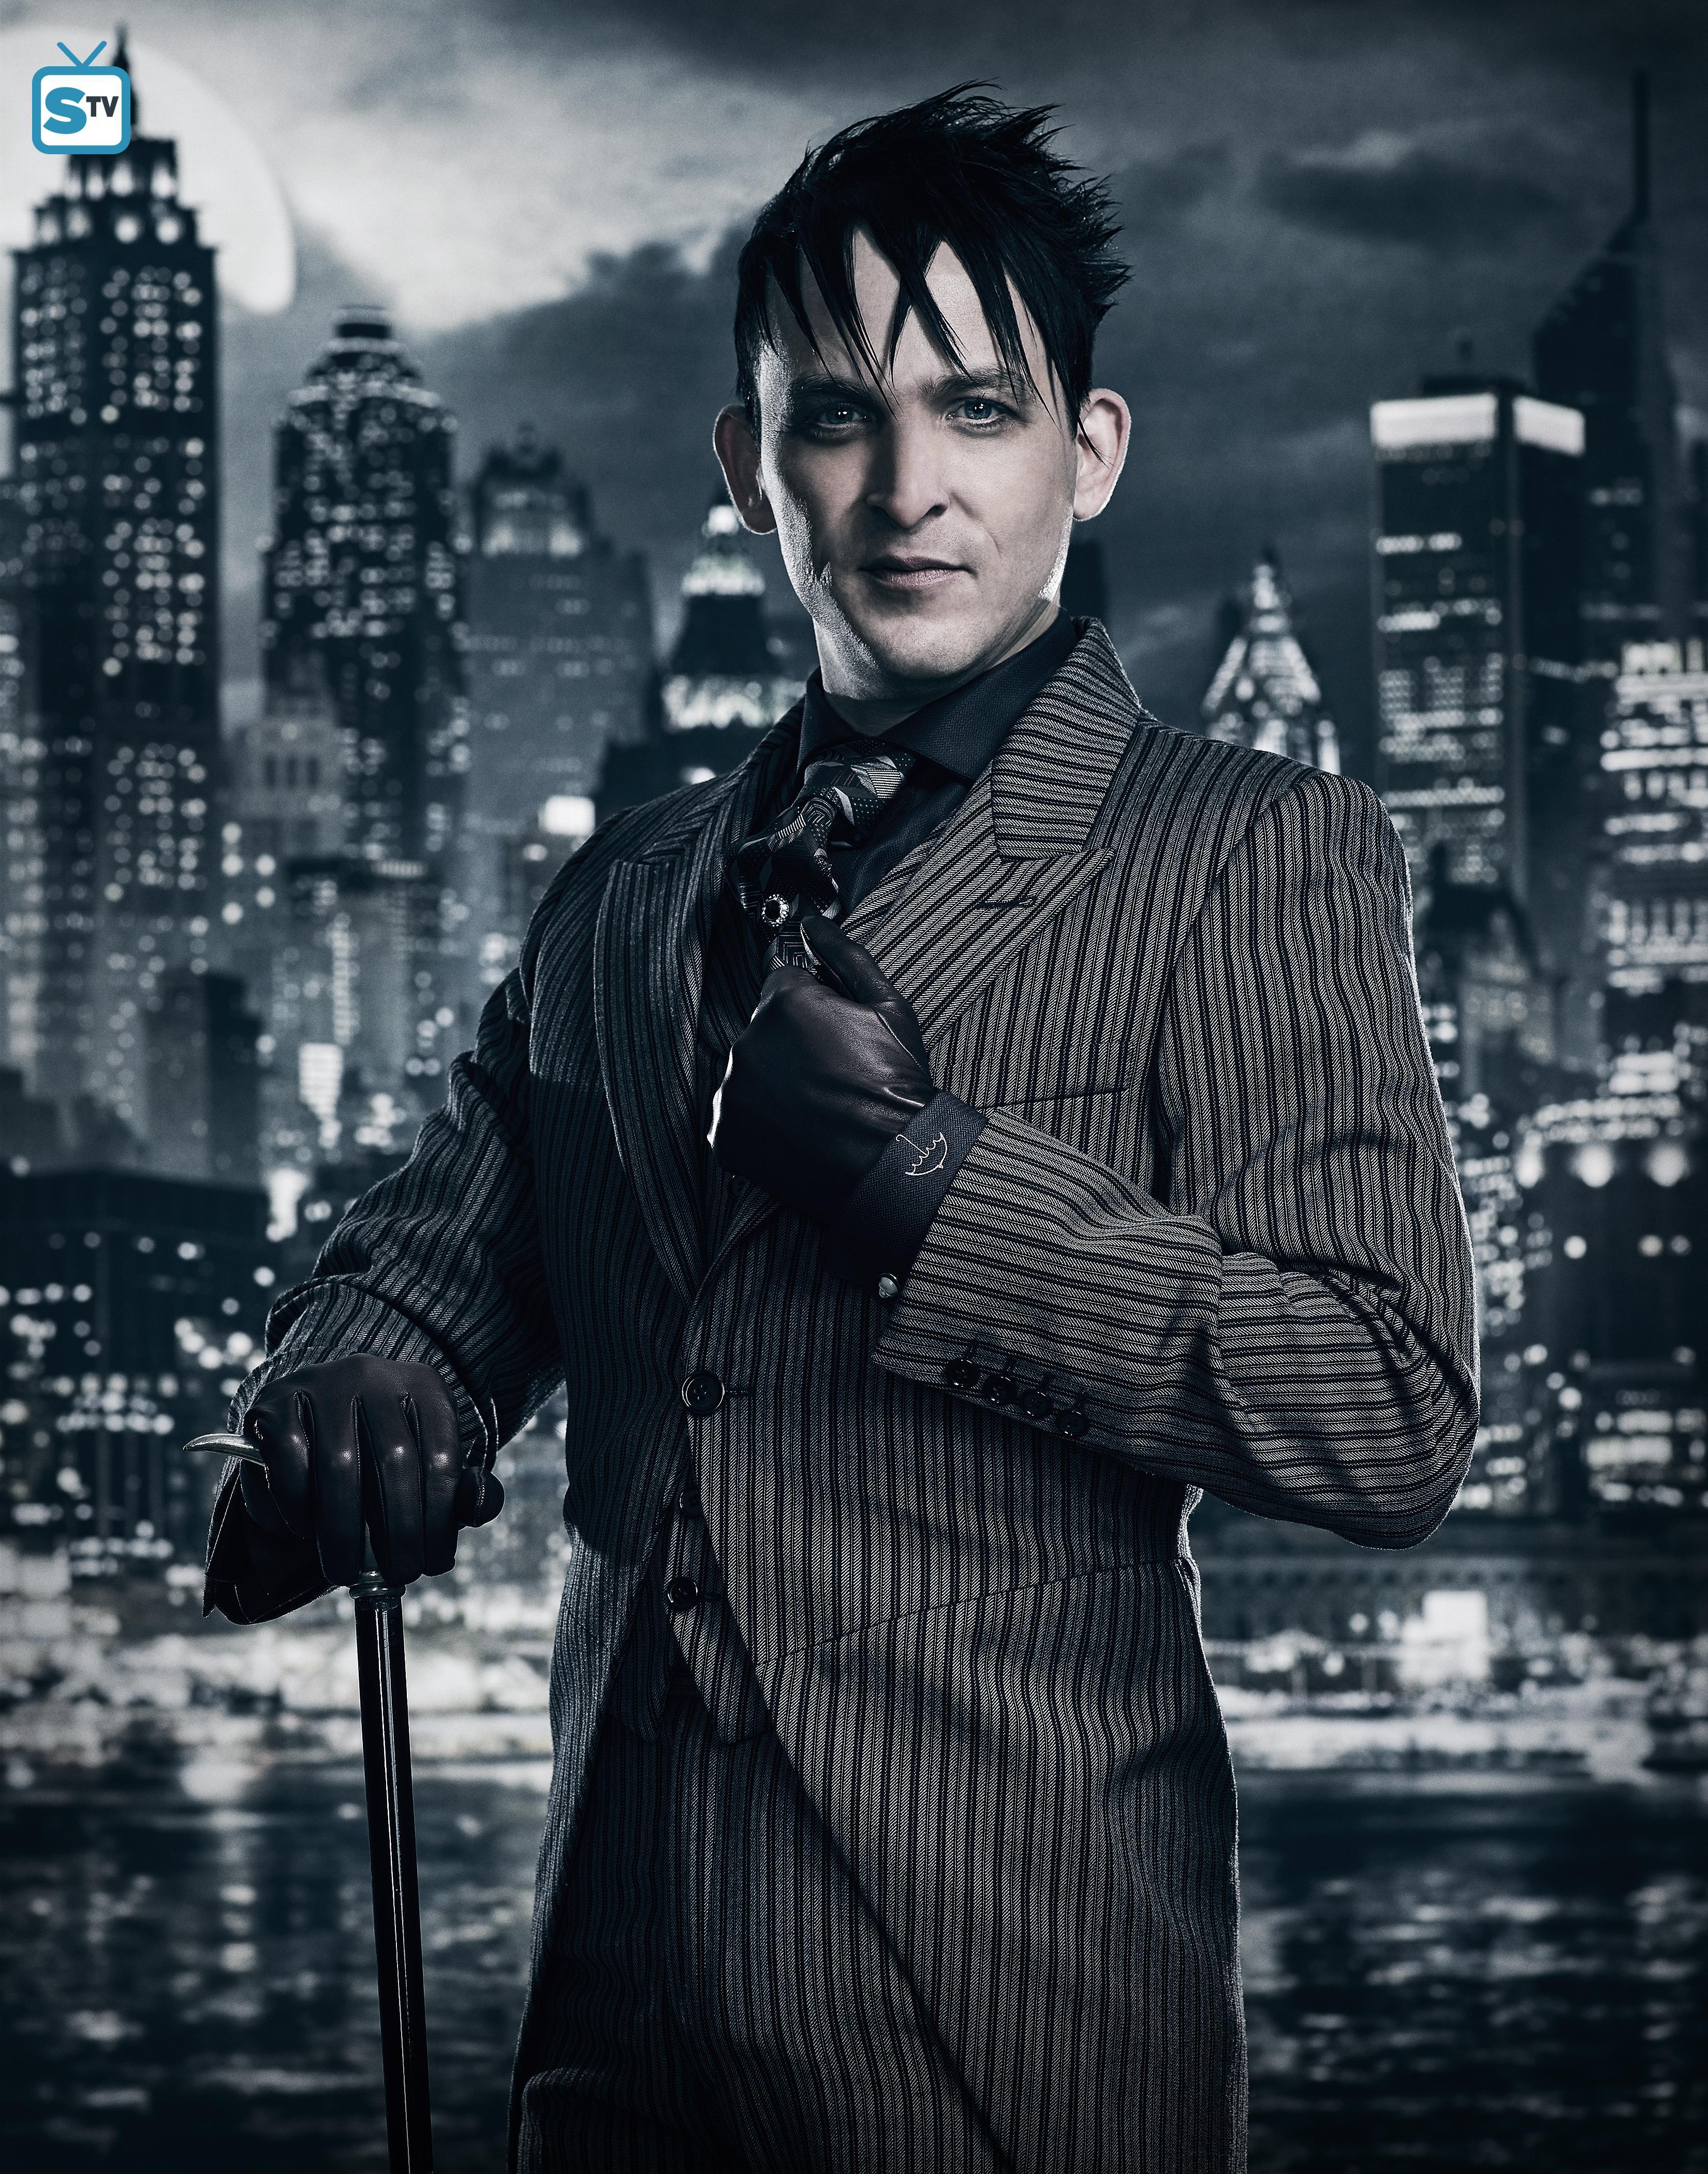 Gotham   Season 4 Portrait   Oswald Cobblepot   Gotham fotografia 3300x4200